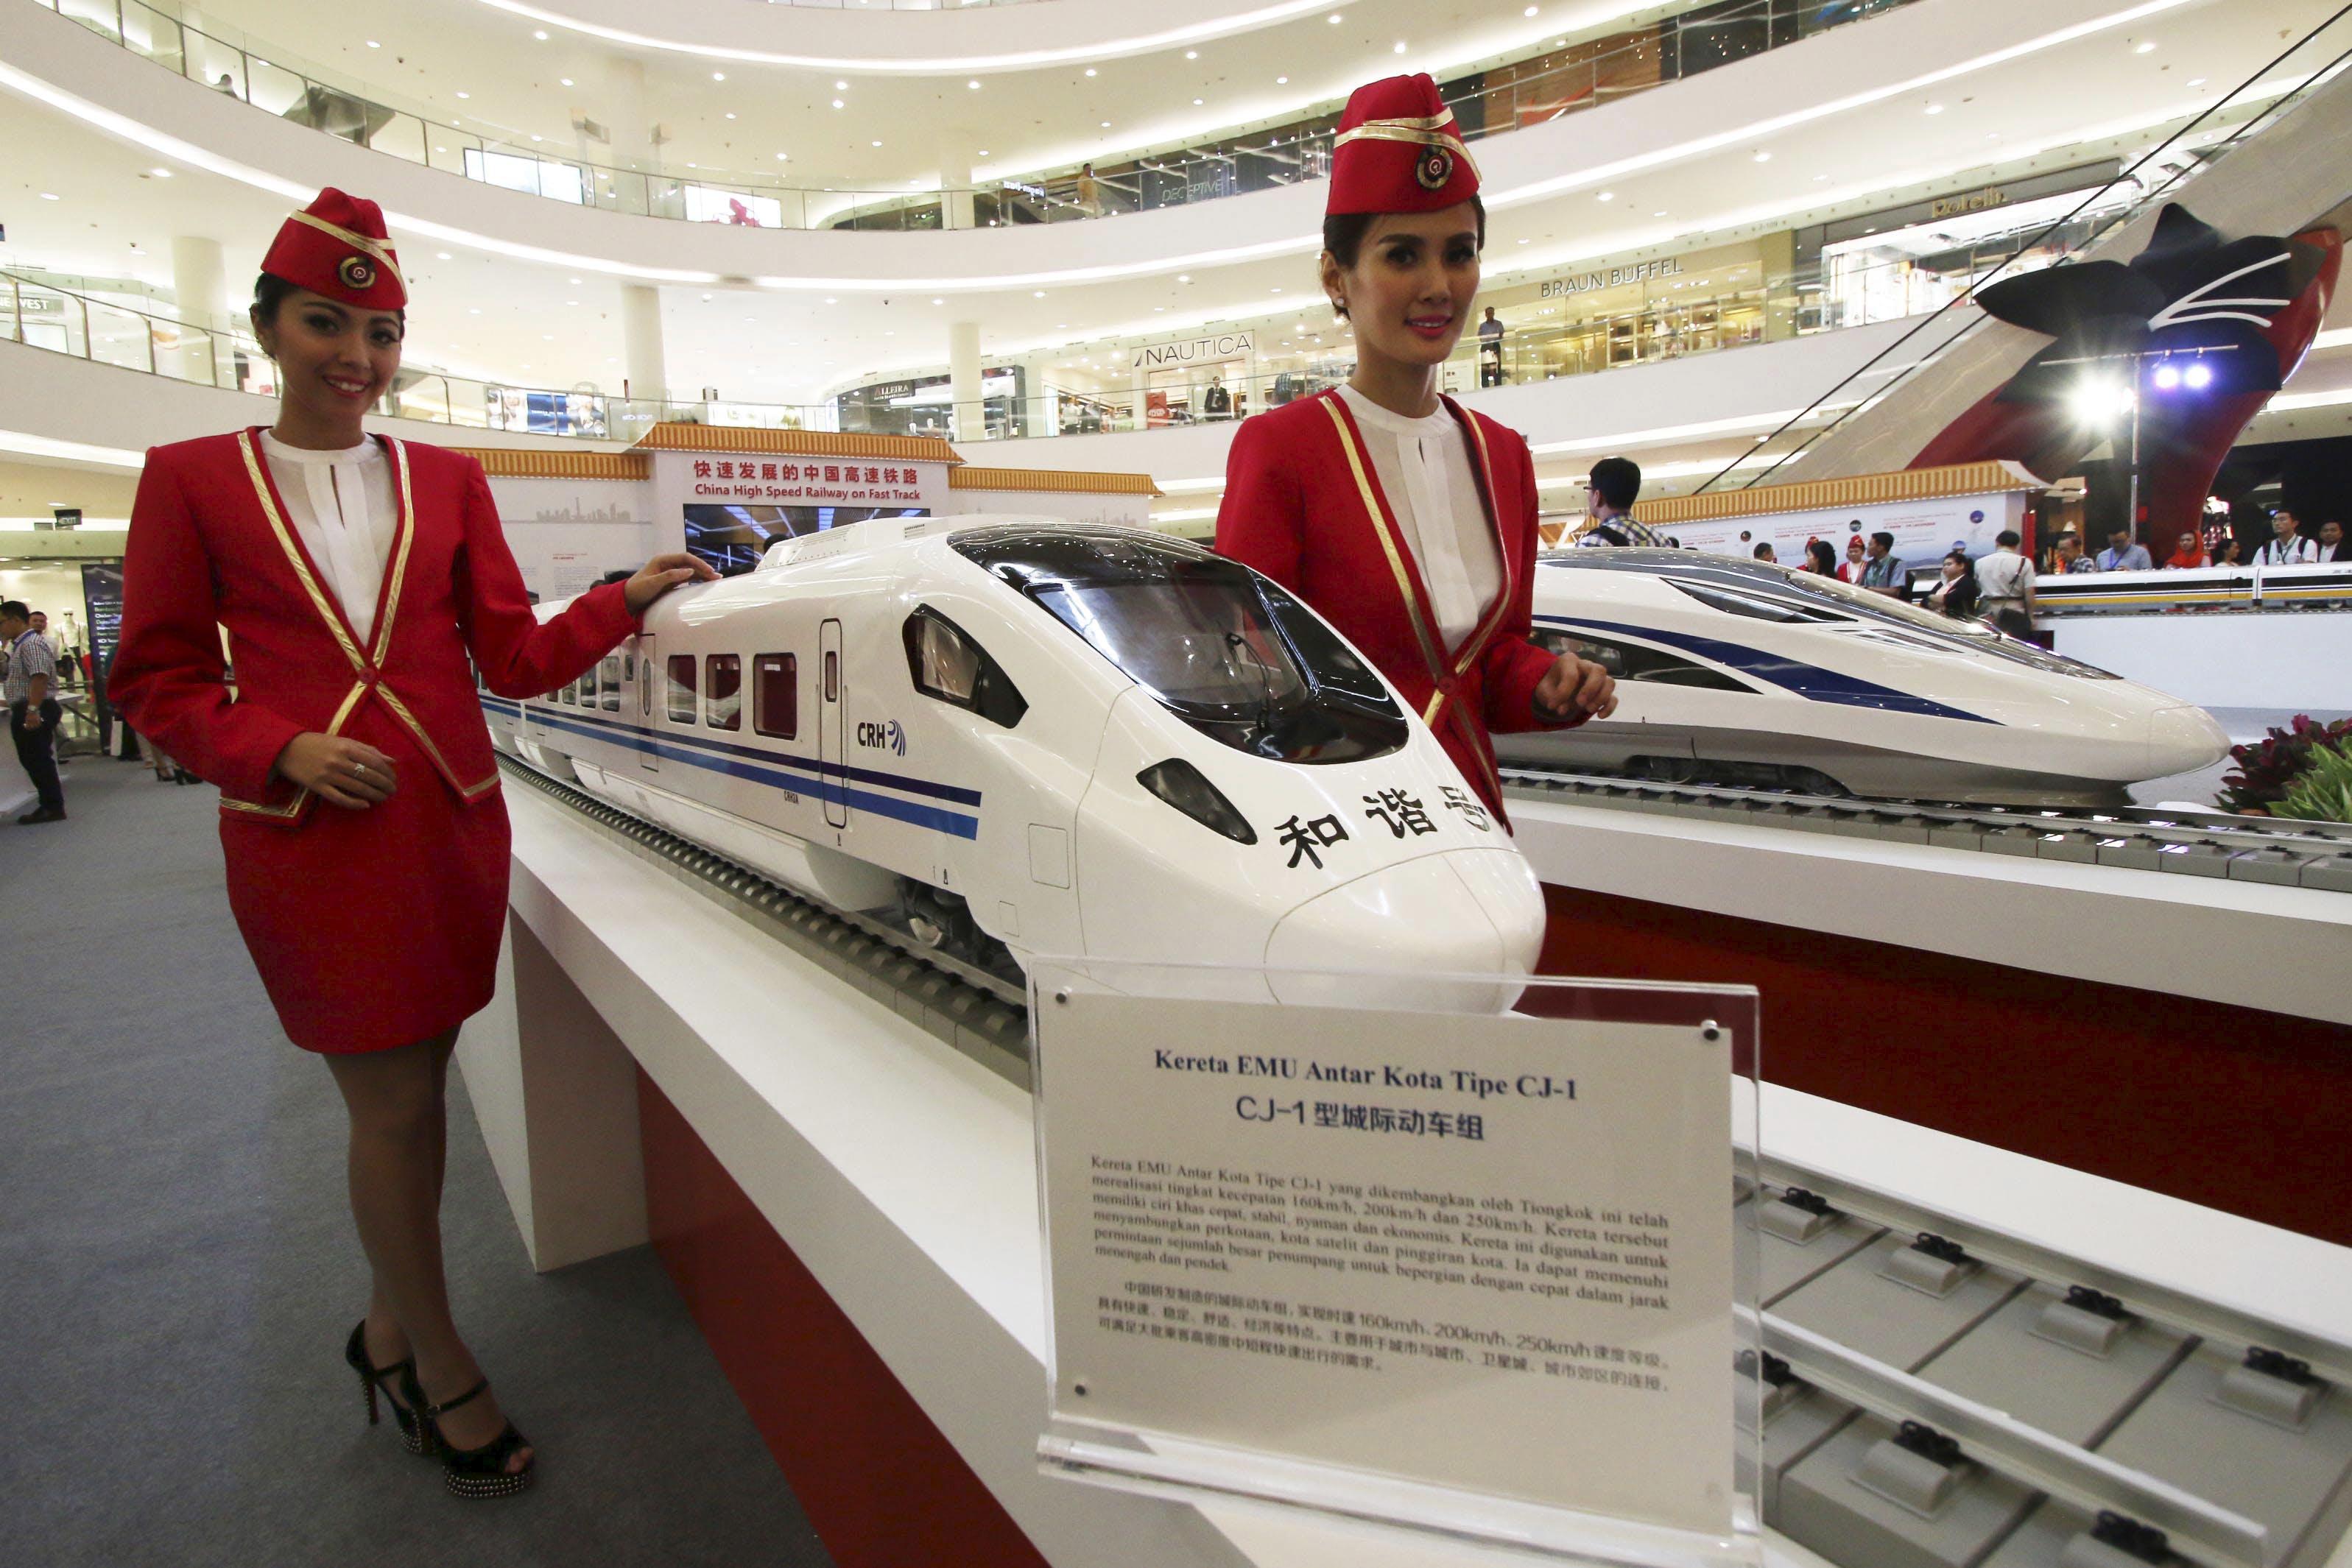 印尼高鐵搶輸中國 日本官員:難以理解的「巨大恥辱」